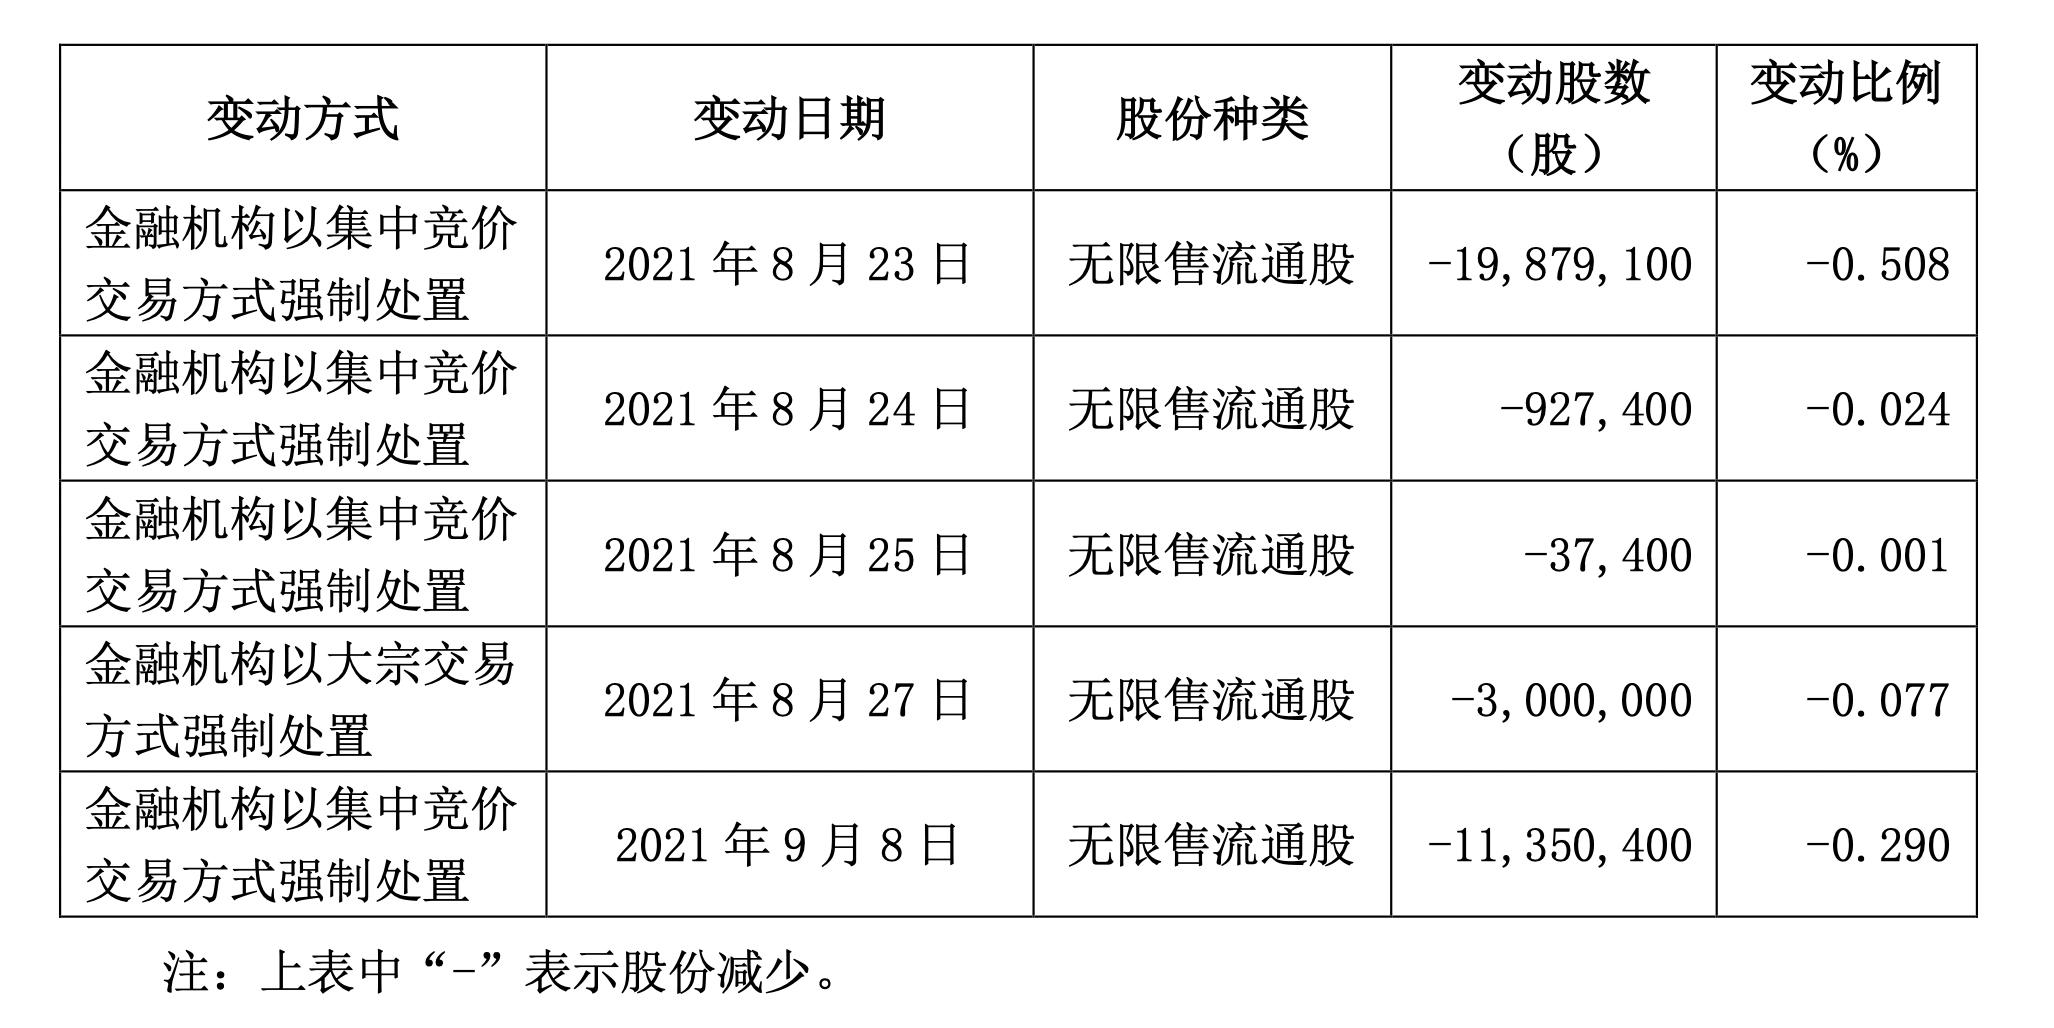 中国平安被动成为华夏幸福第一大股东,但实控人依然是王文学